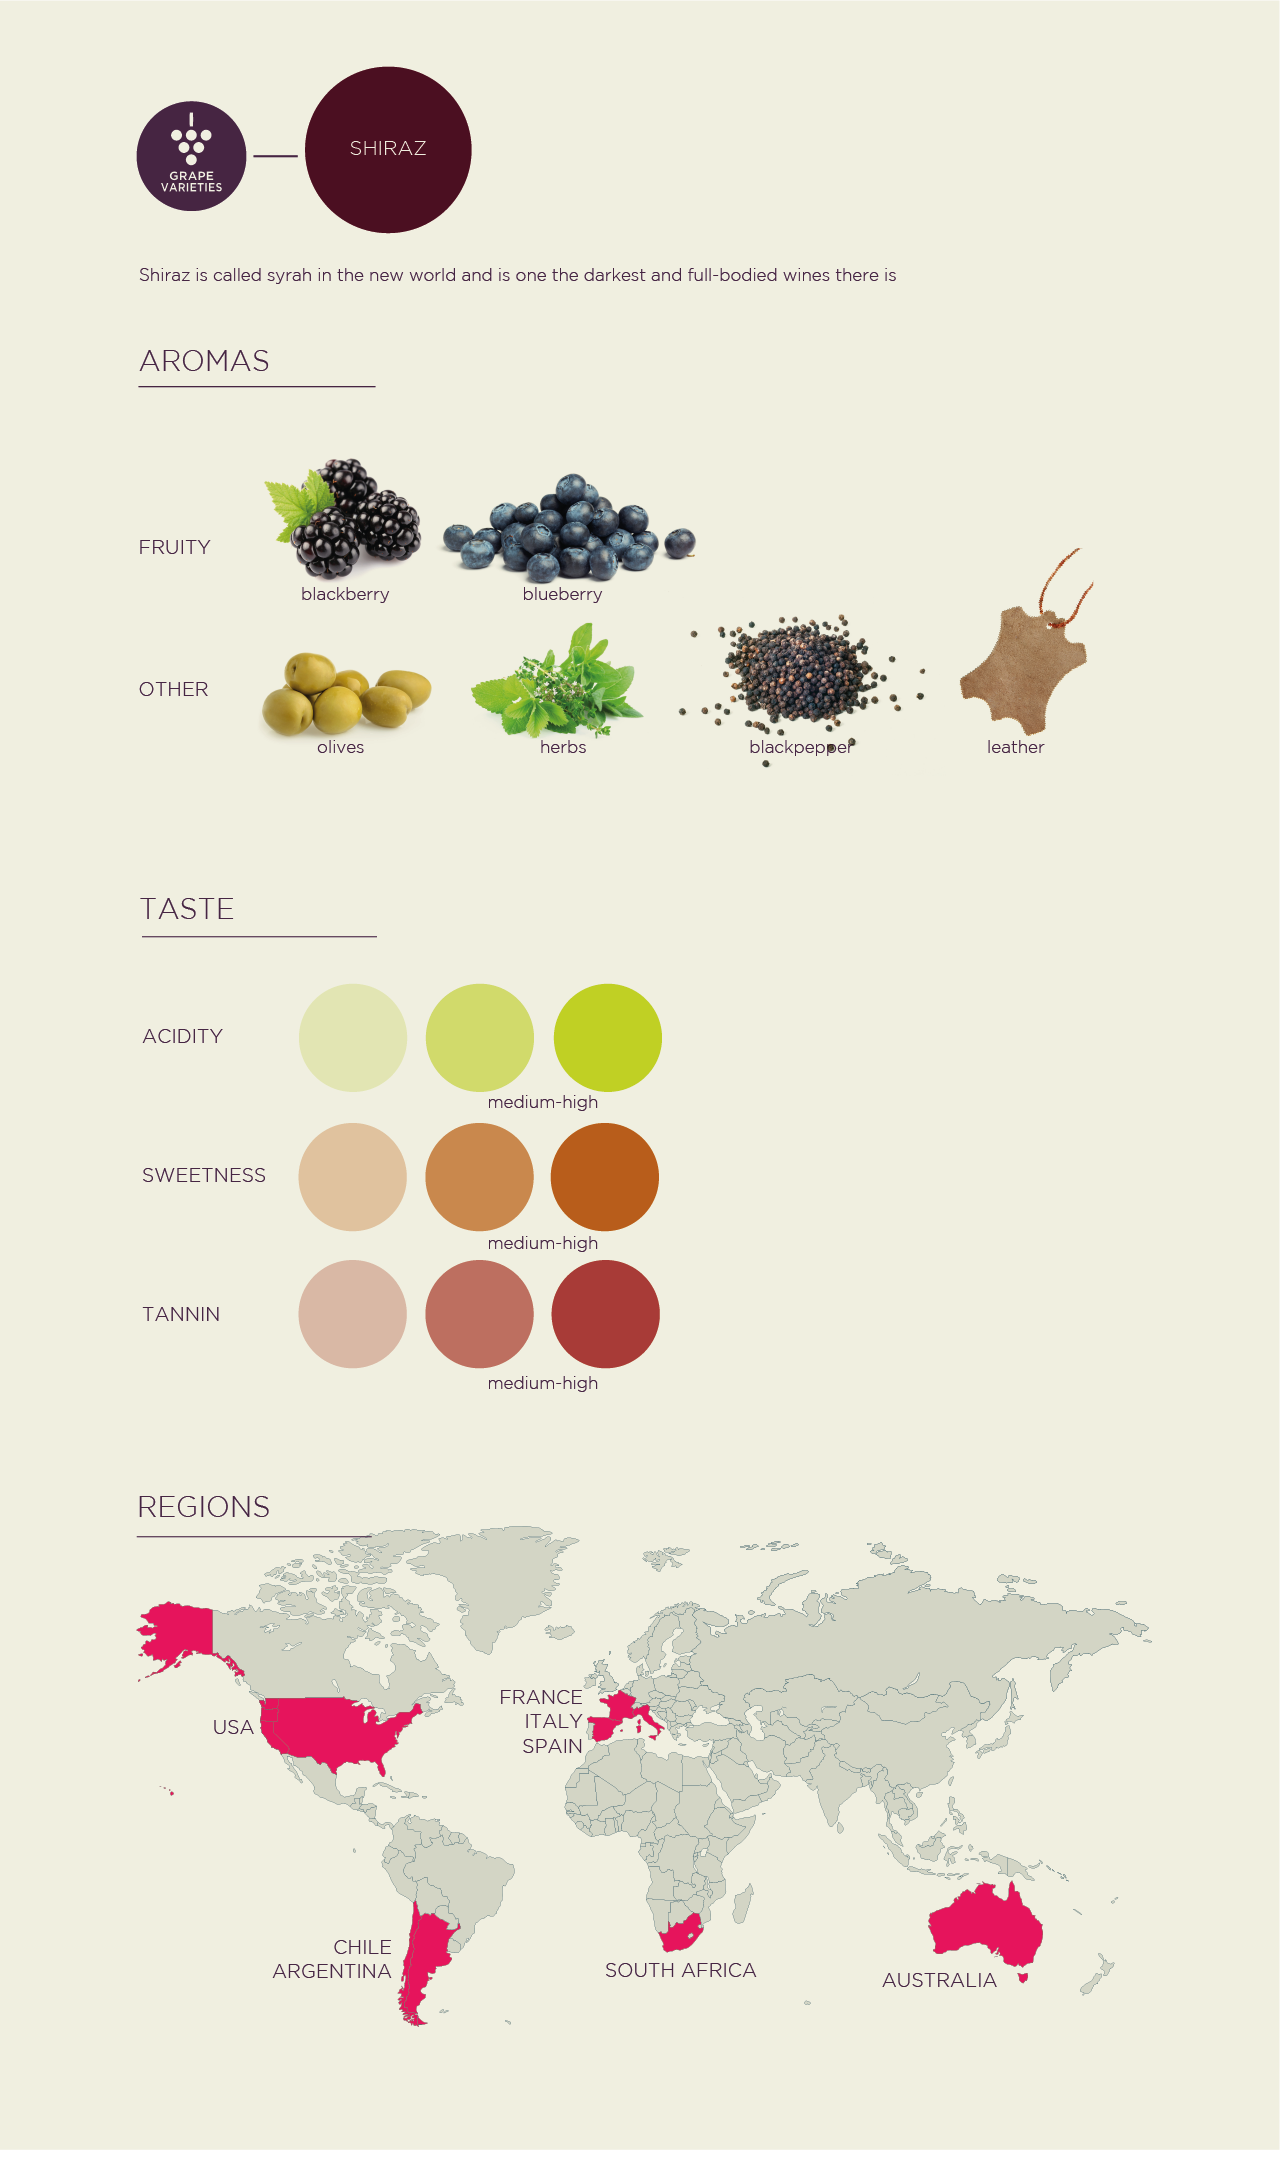 shiraz / syrah grape variety